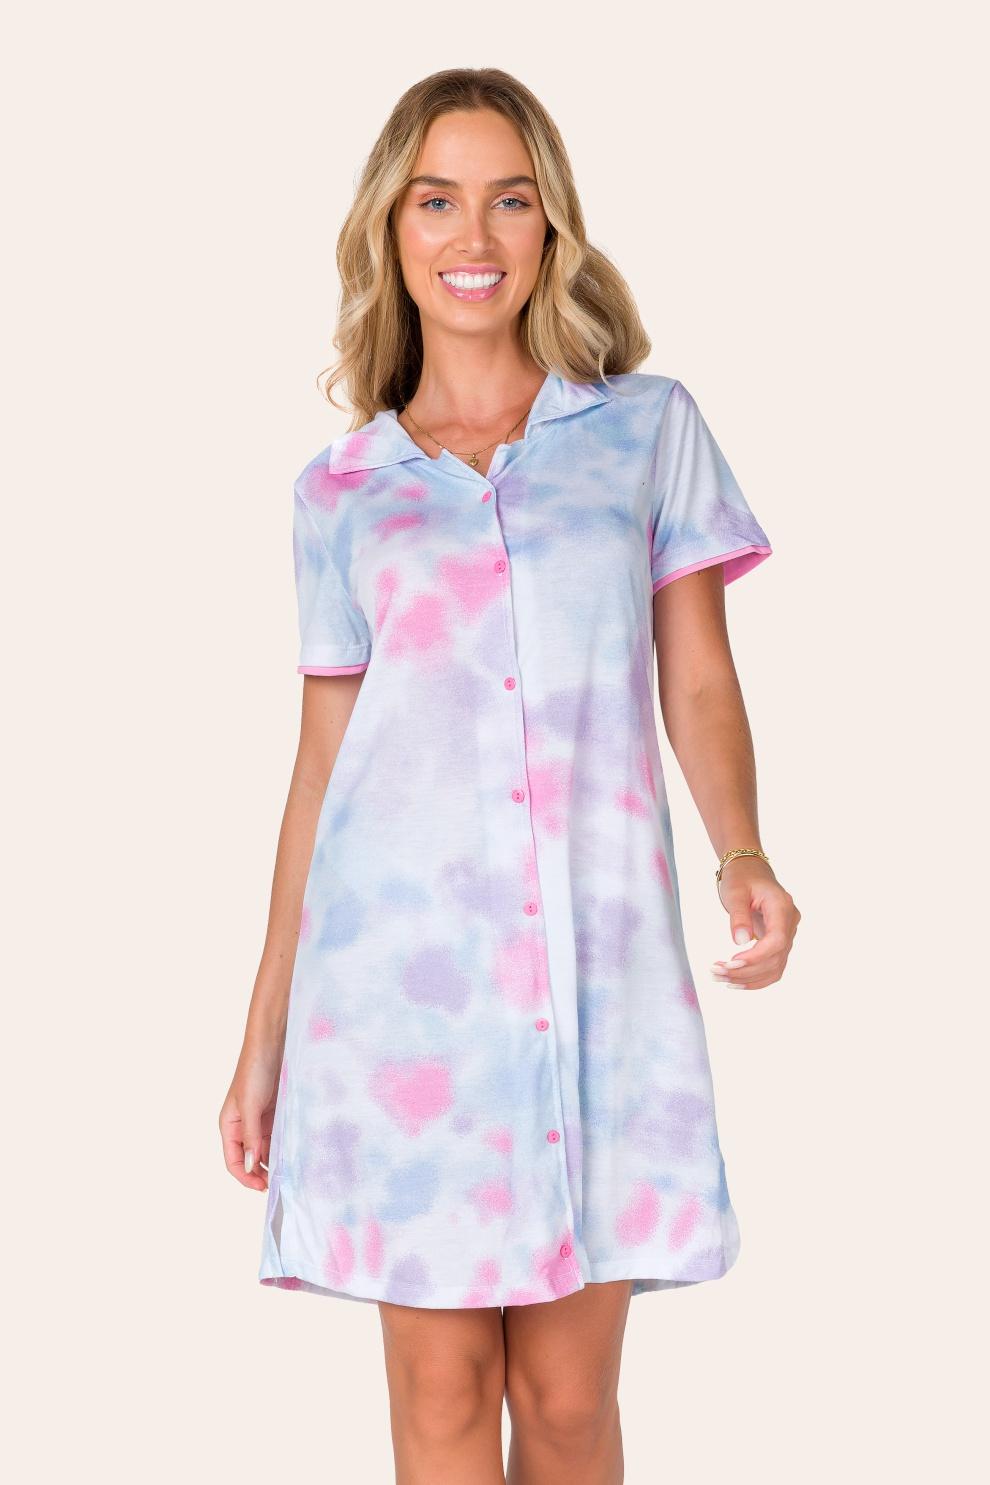 005/A - Camisola Adulto  Aberta Tie Dye